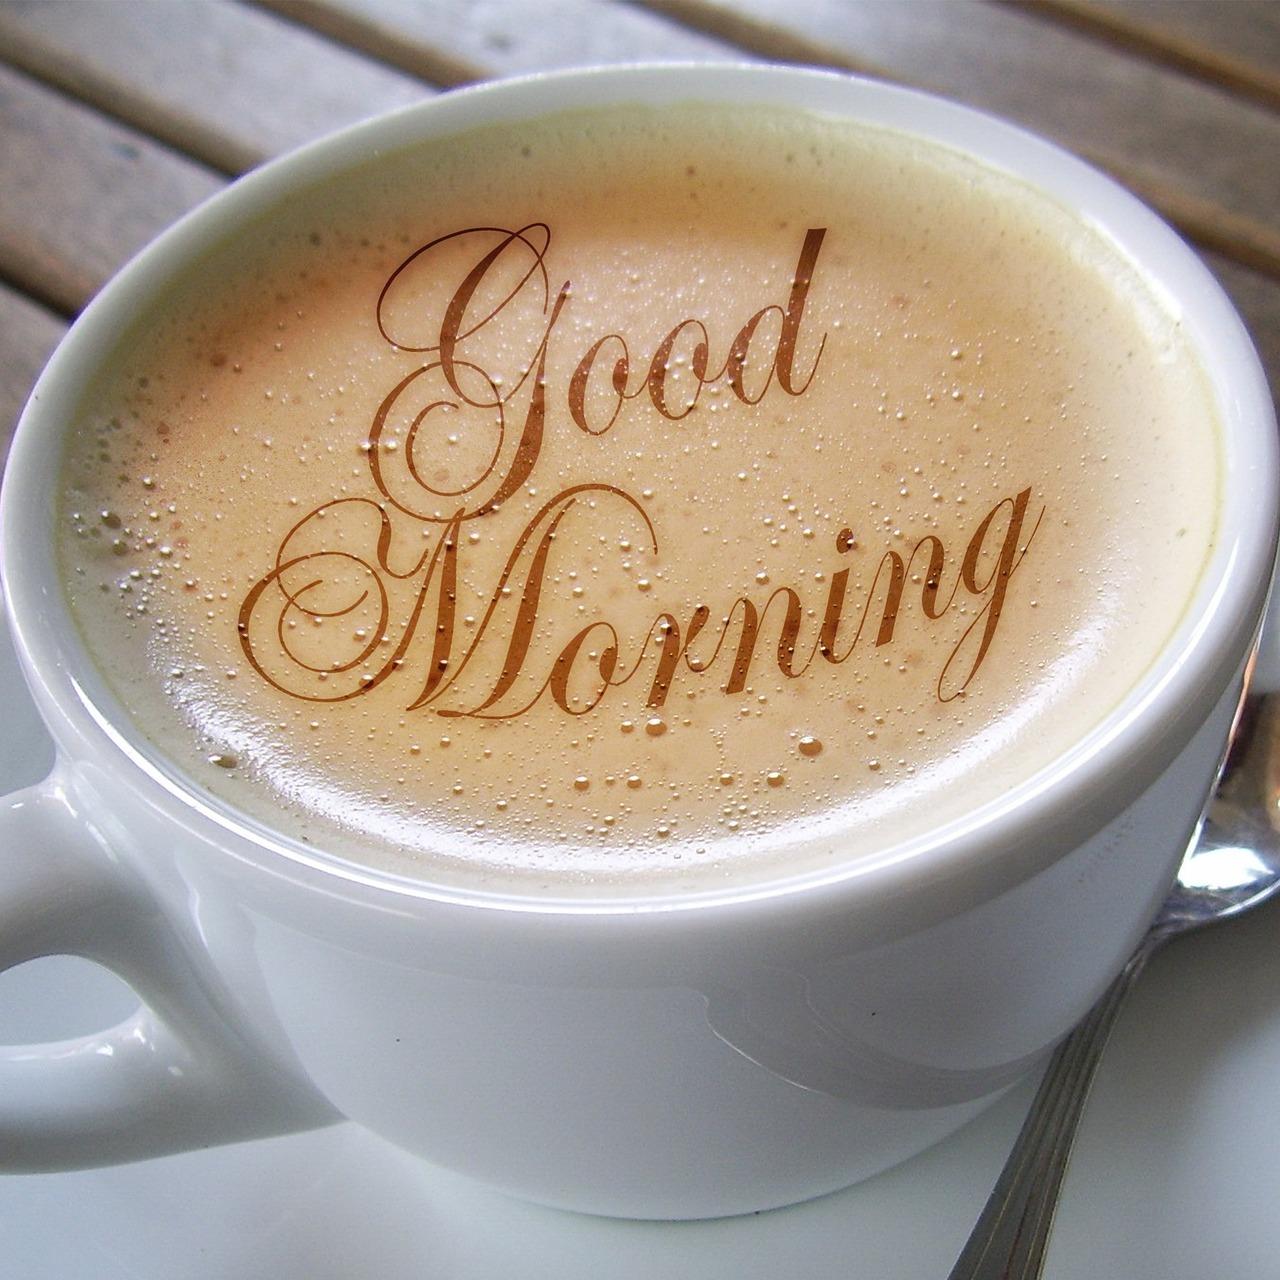 The Mornin' Cuppa